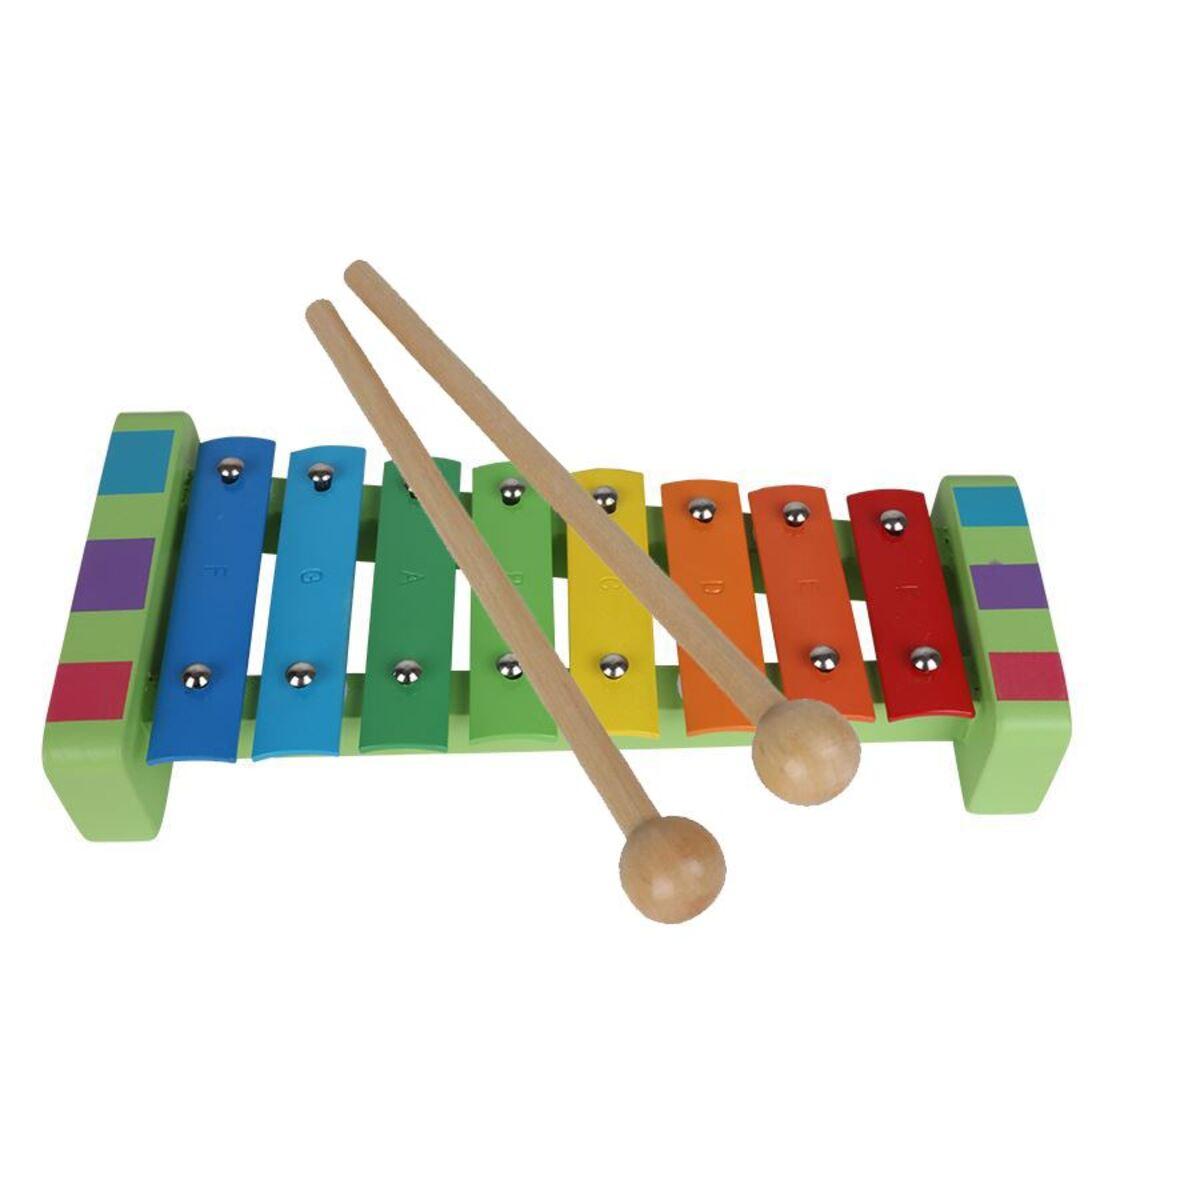 Bild 1 von Kinder-Xylophon mit 2 Klanghölzern